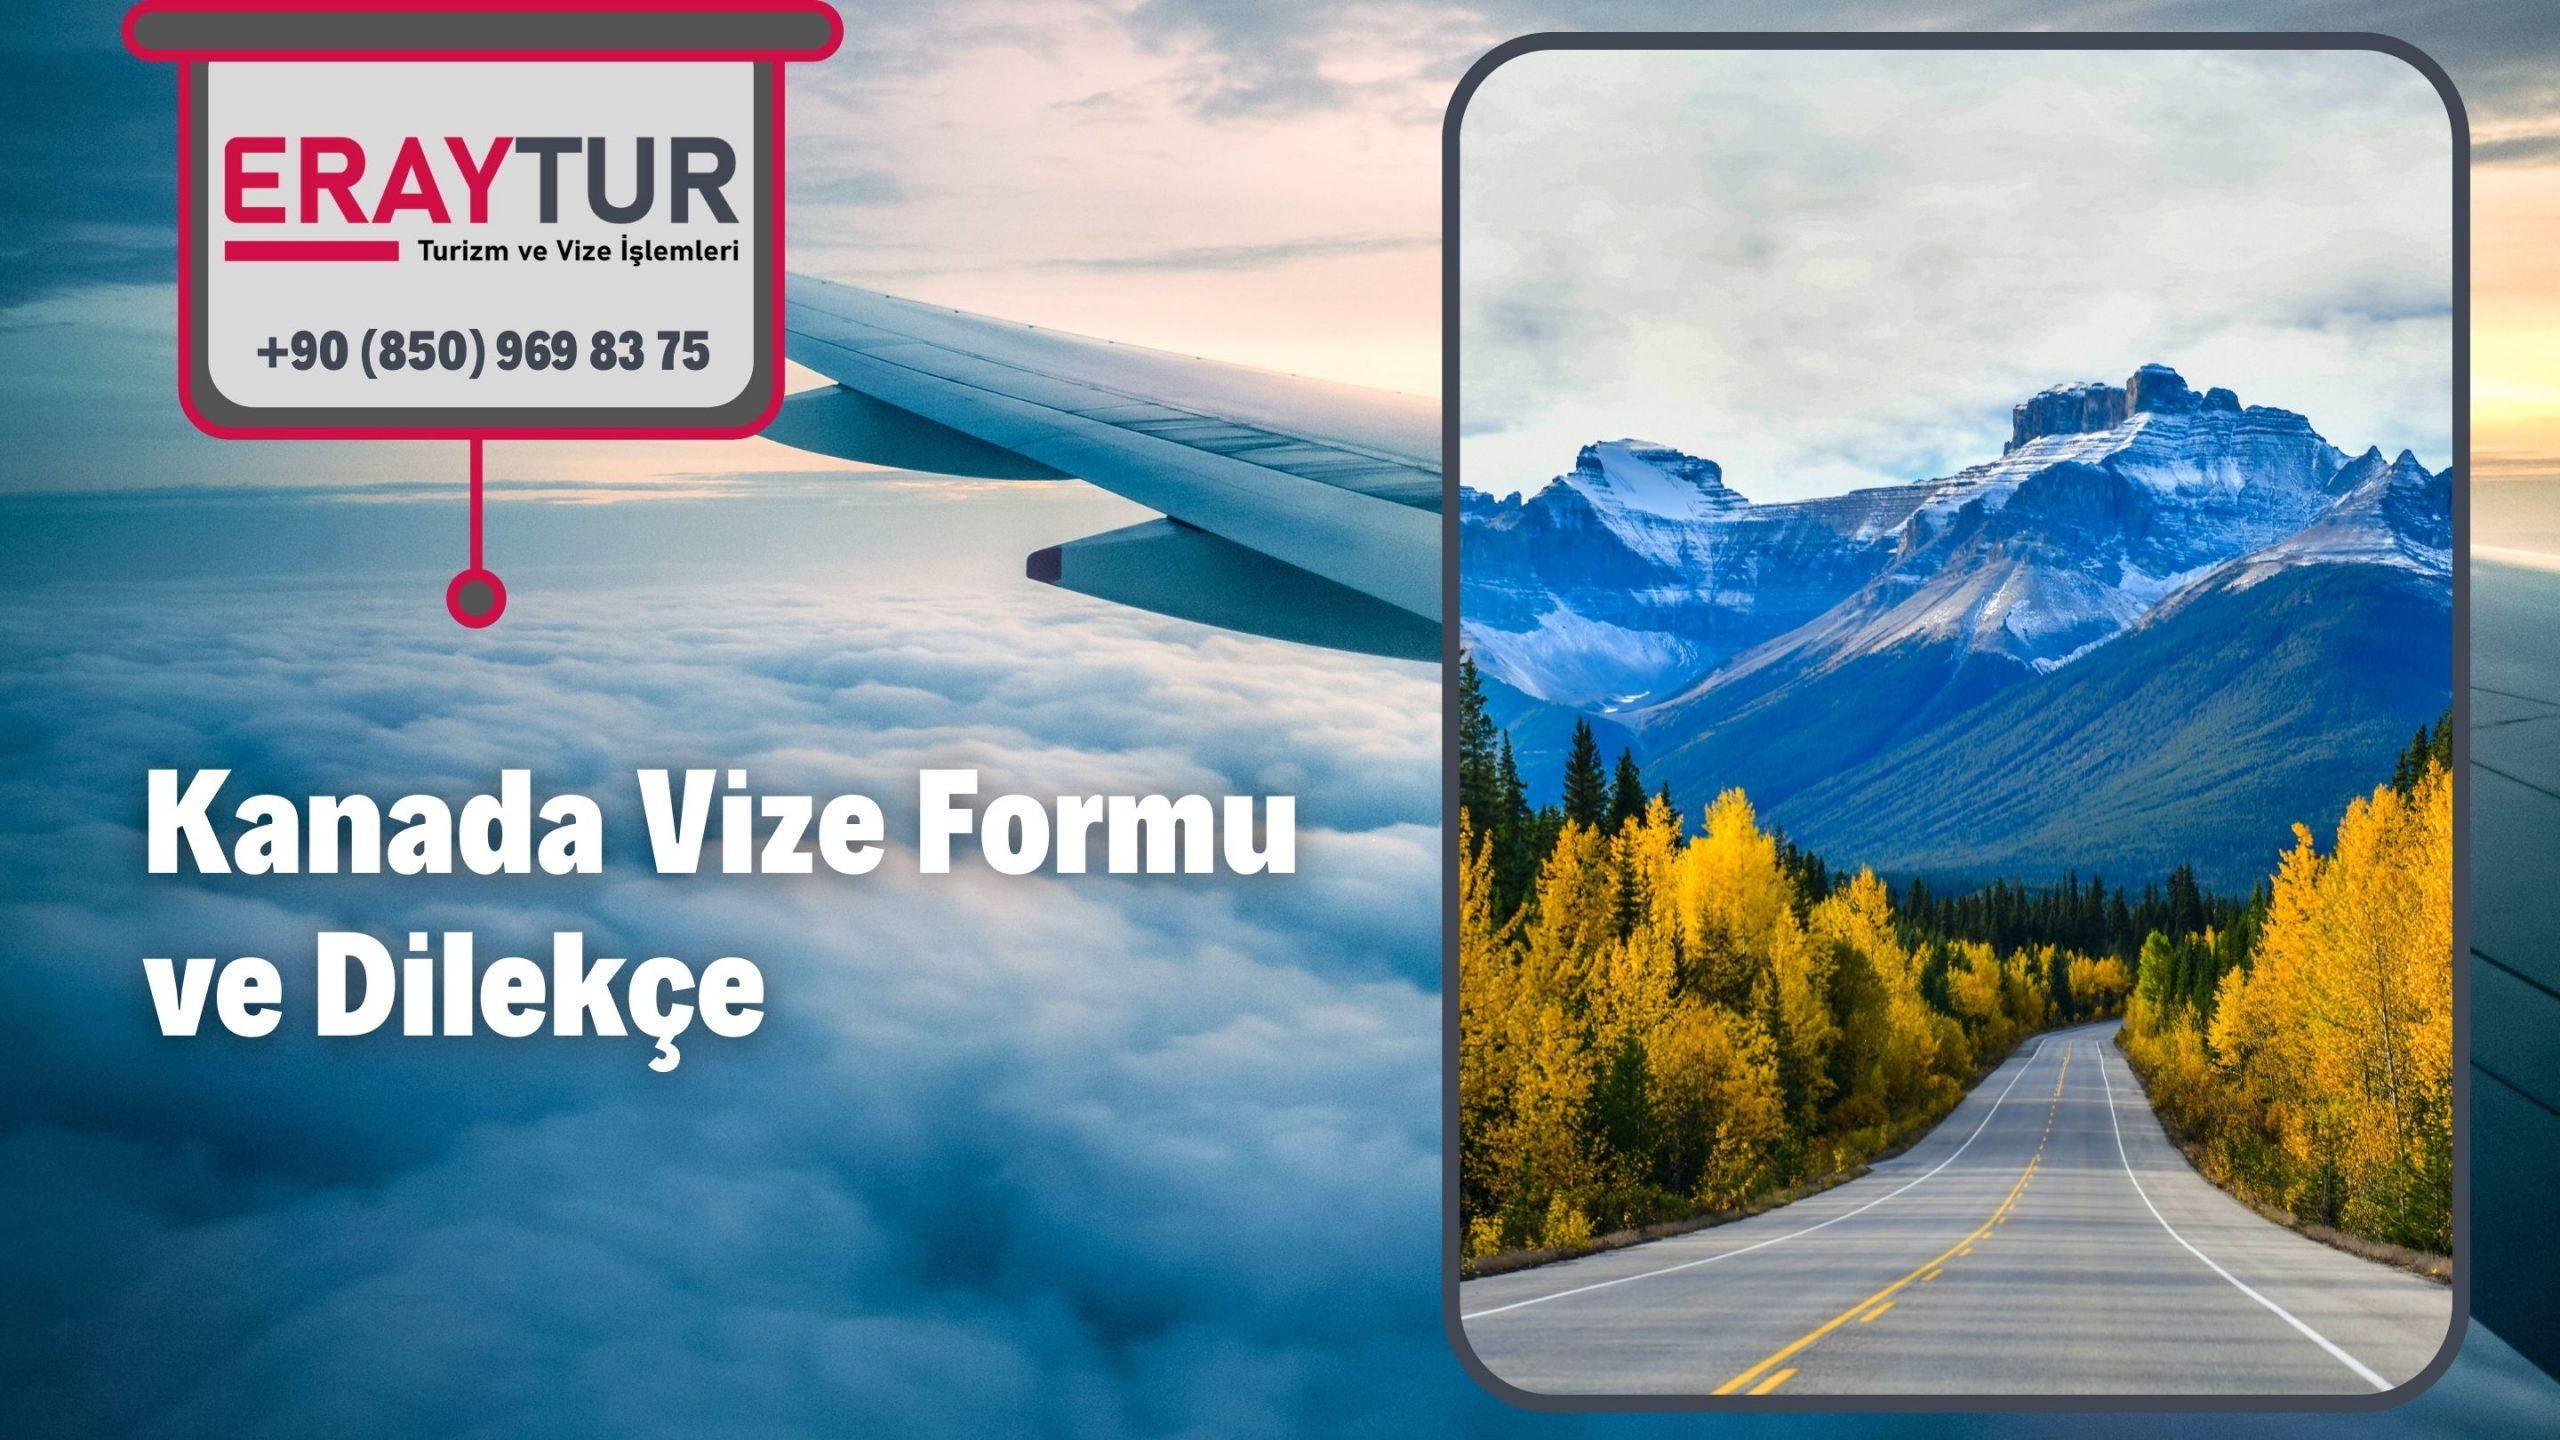 Kanada Vize Formu ve Dilekçe 1 – kanada vize formu ve dilekce 1 scaled